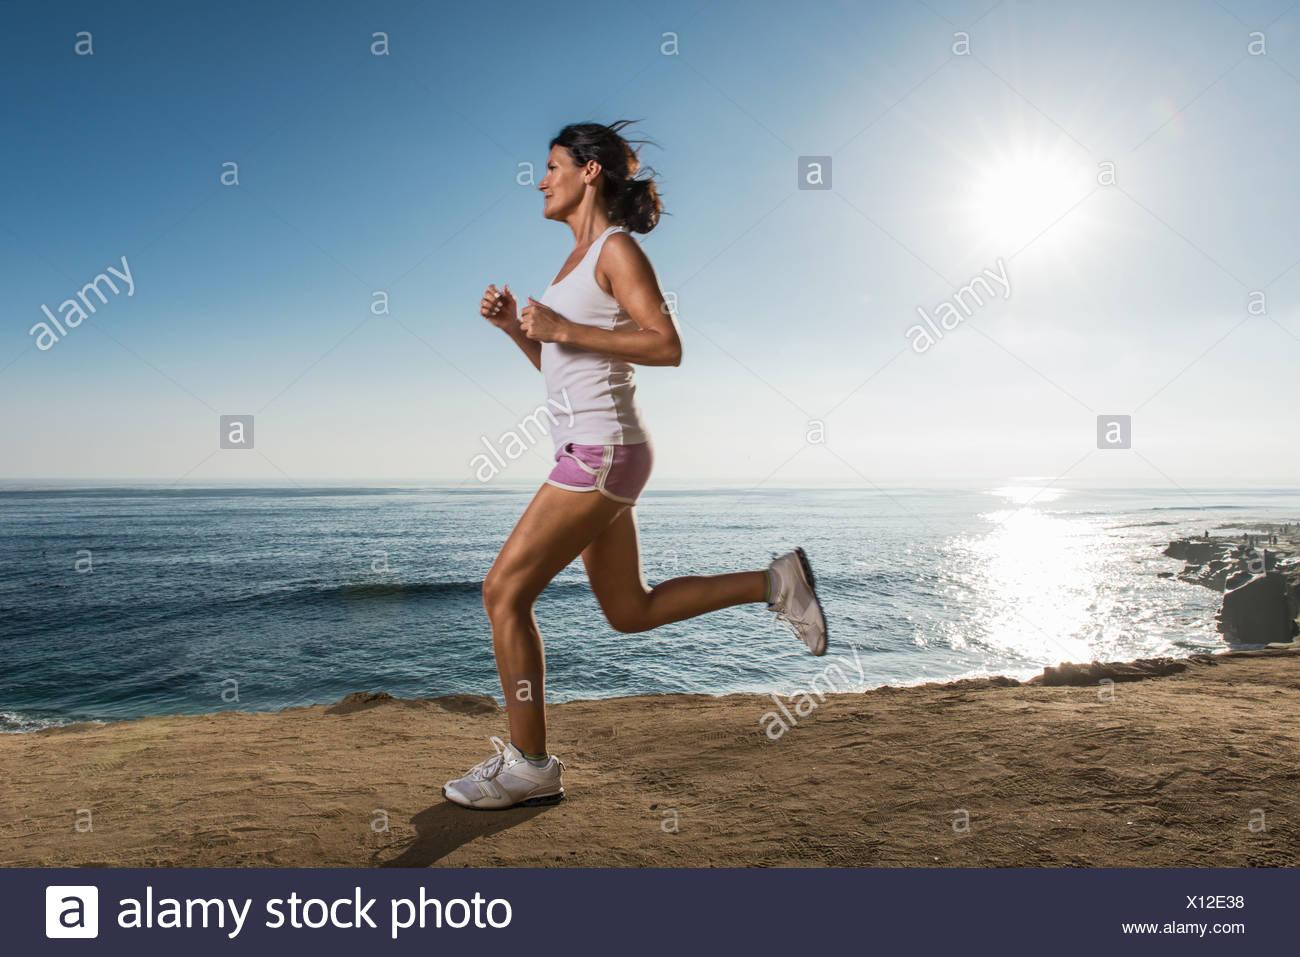 Mitte Erwachsene Frau Joggen entlang der Klippe Stockbild